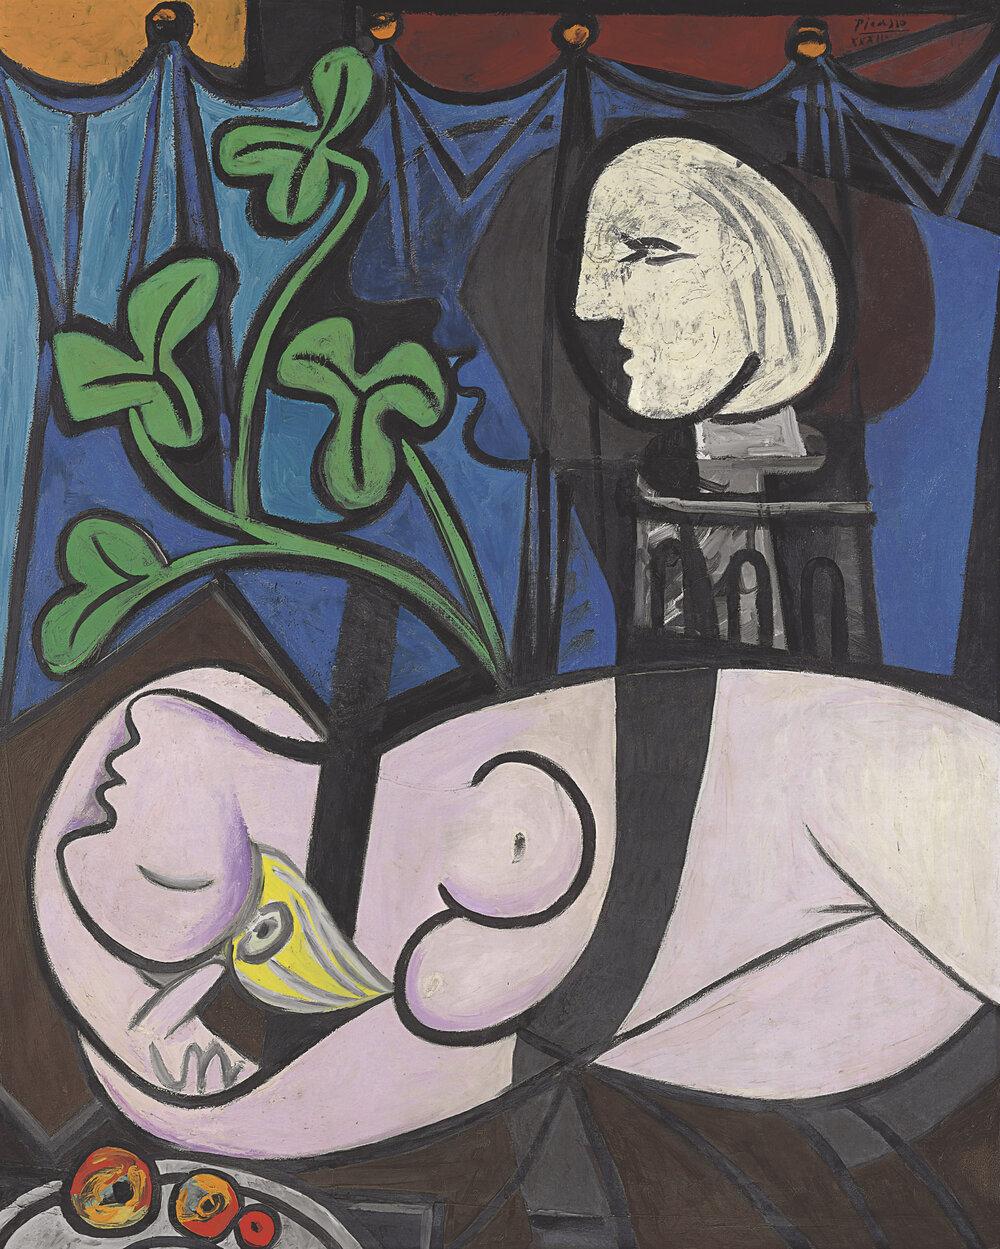 Пабло Пікассо, «Оголена на тлі бюста і зеленого листя» 106,5 мільйона доларів, Christie's